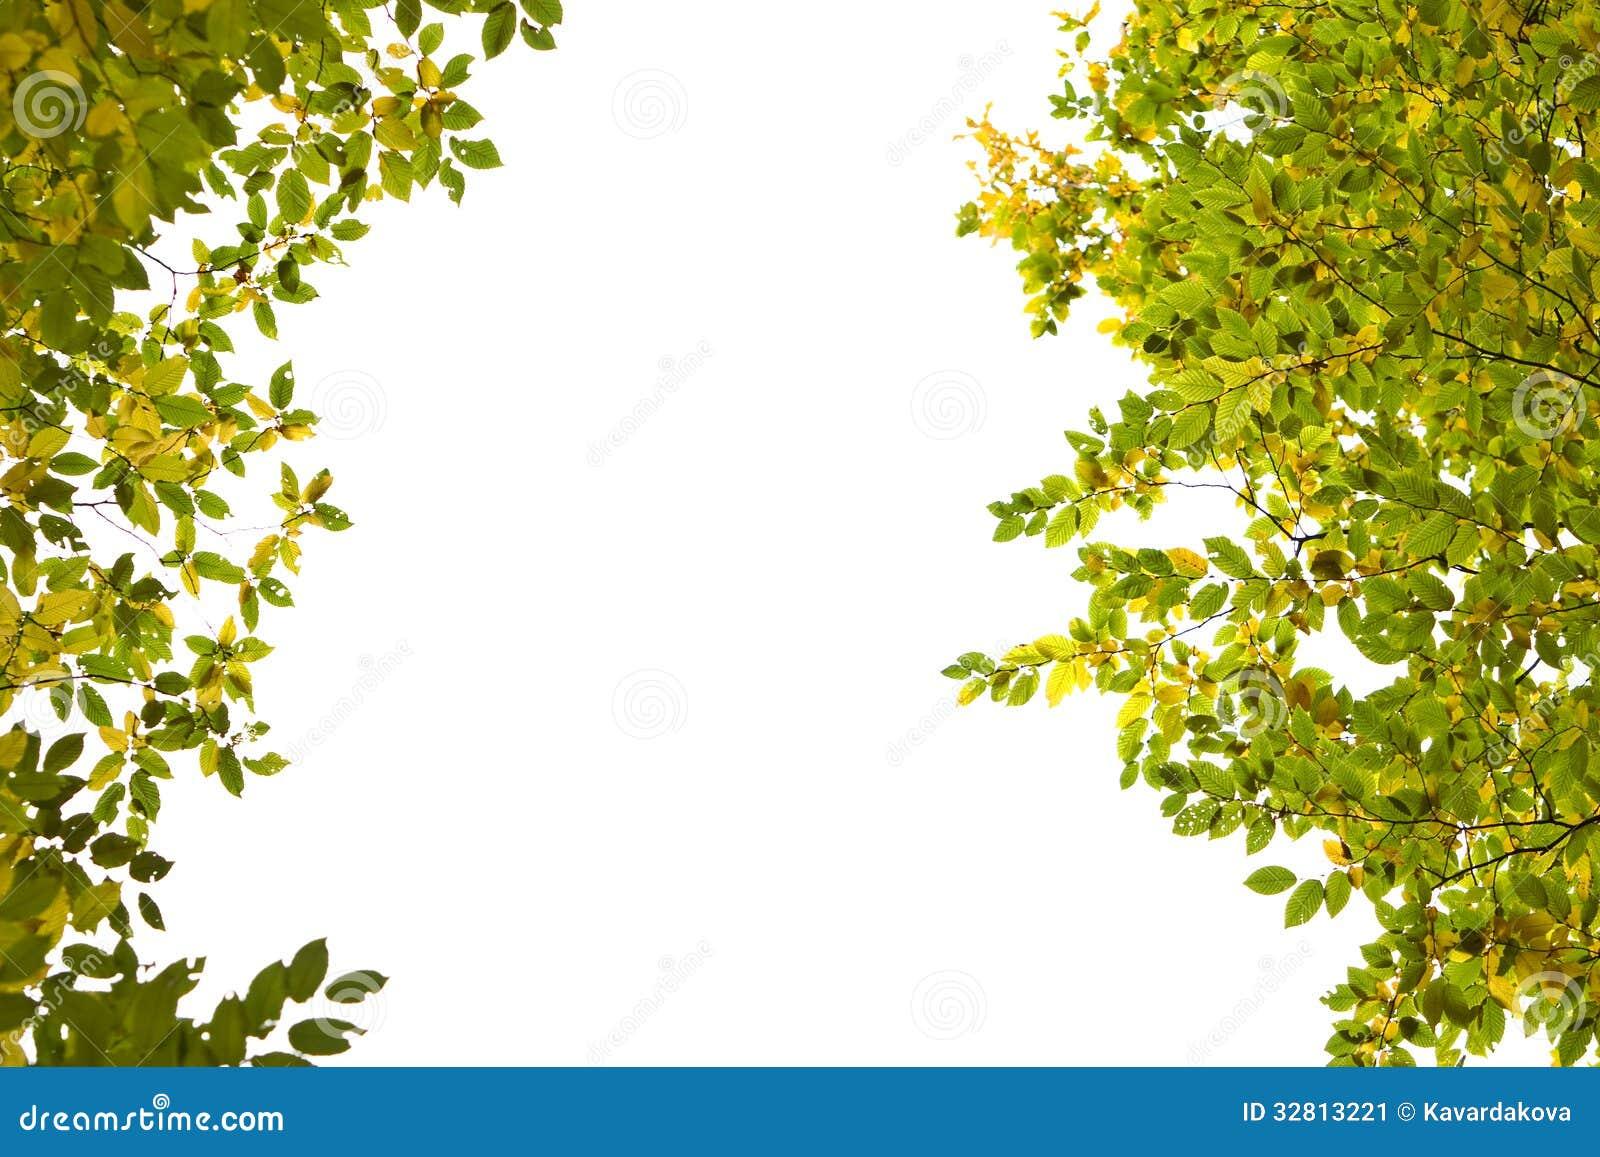 Обои на рабочий стол с листьями